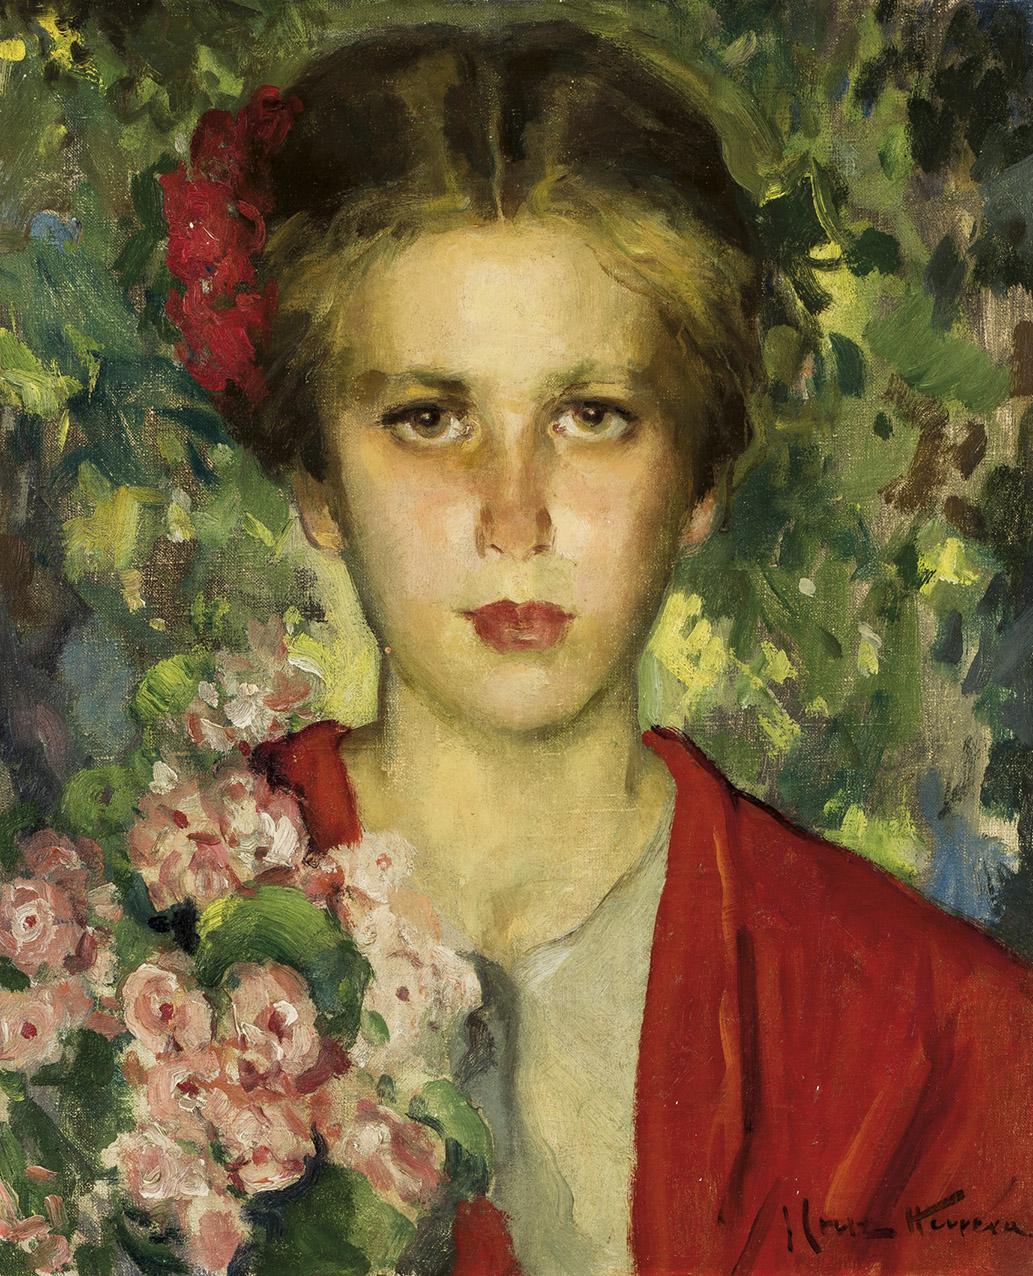 Jose-Cruz-Herrera-Nina-entre-las-flores